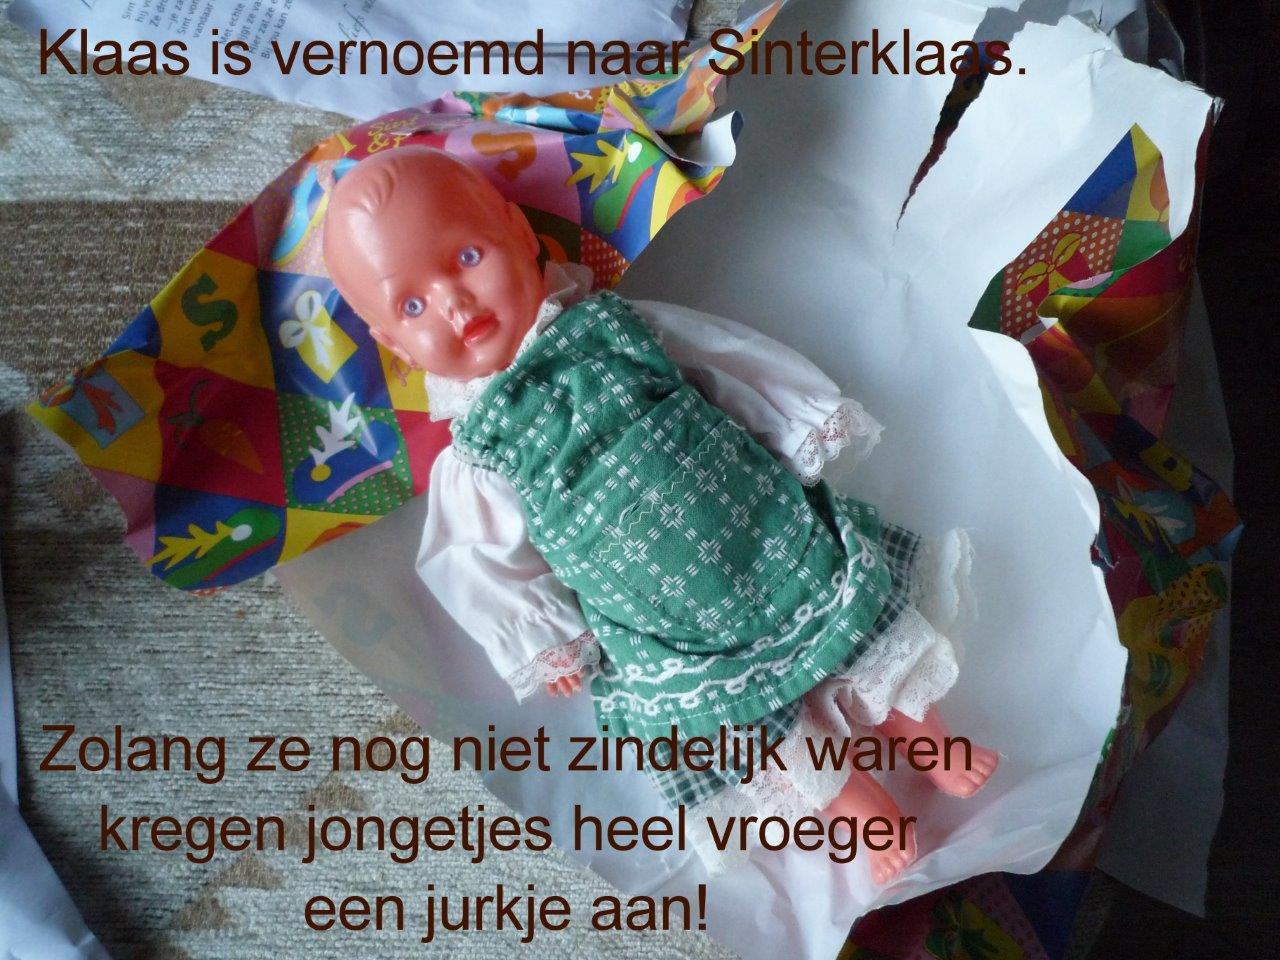 https://welkepopisdat.nl/afbeeldingen-Forum/DurvinaFotos/5%20poppen%20(10).jpg